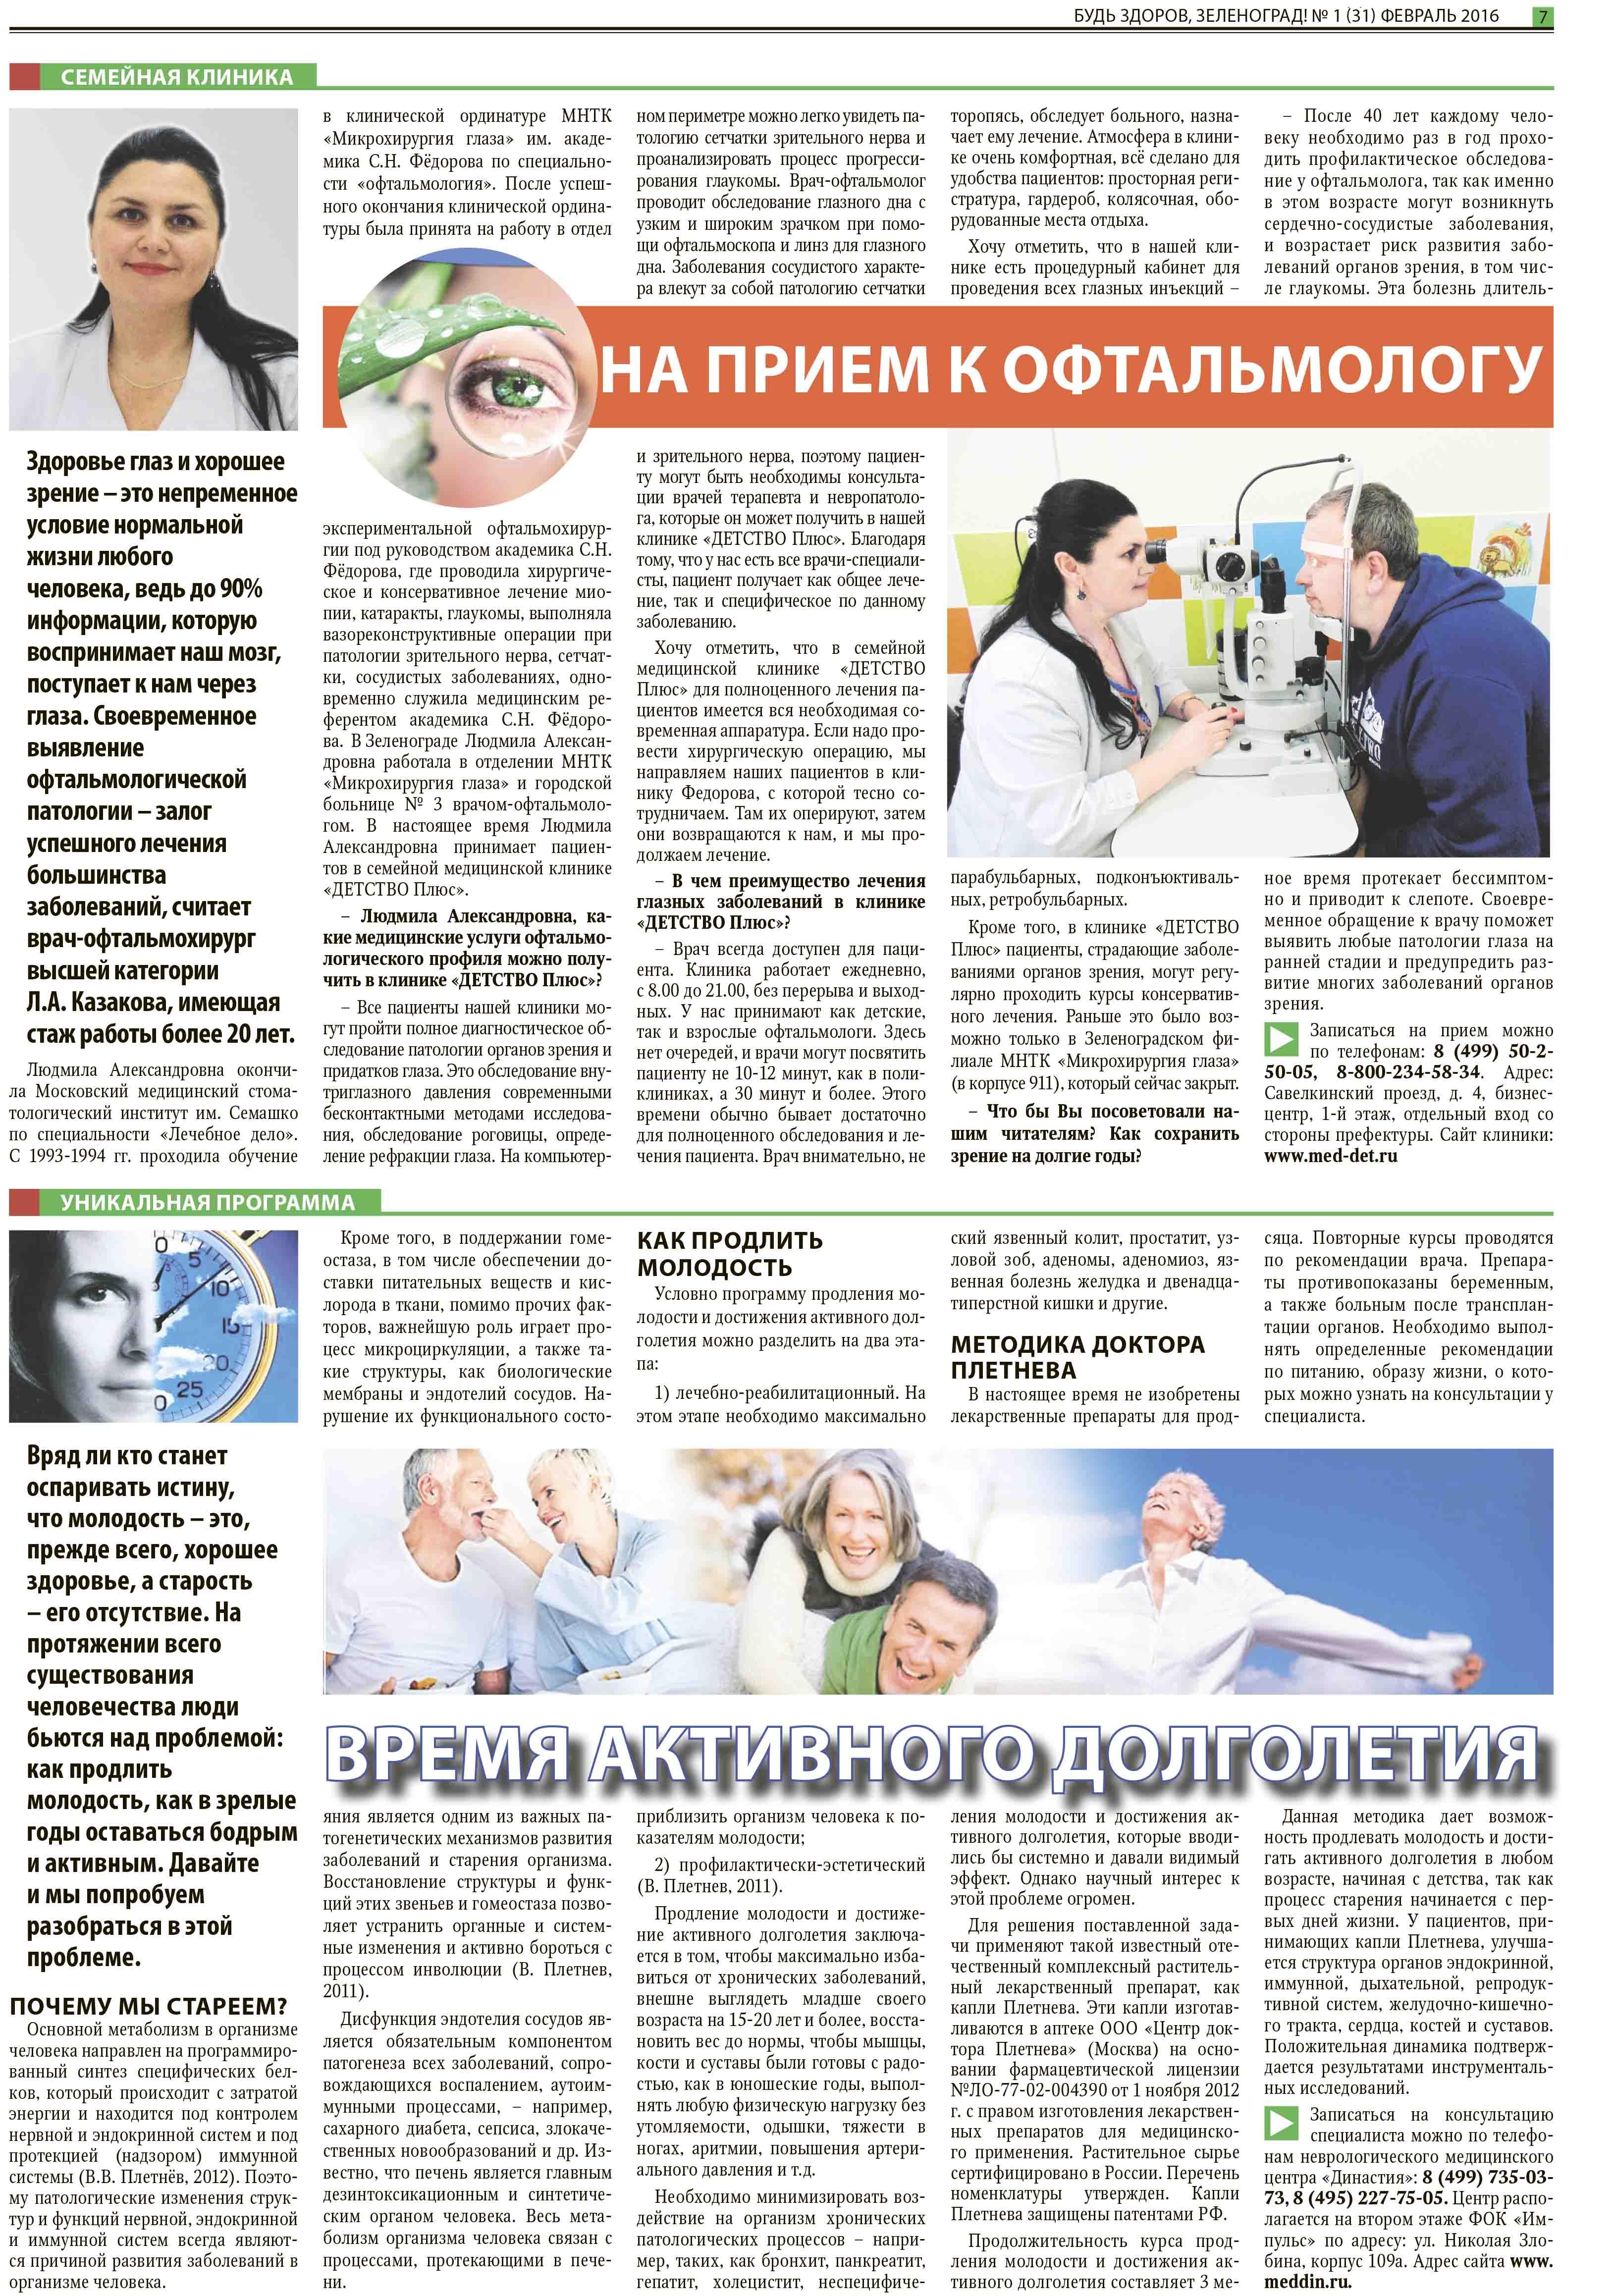 Отзывы о клинике мира москва